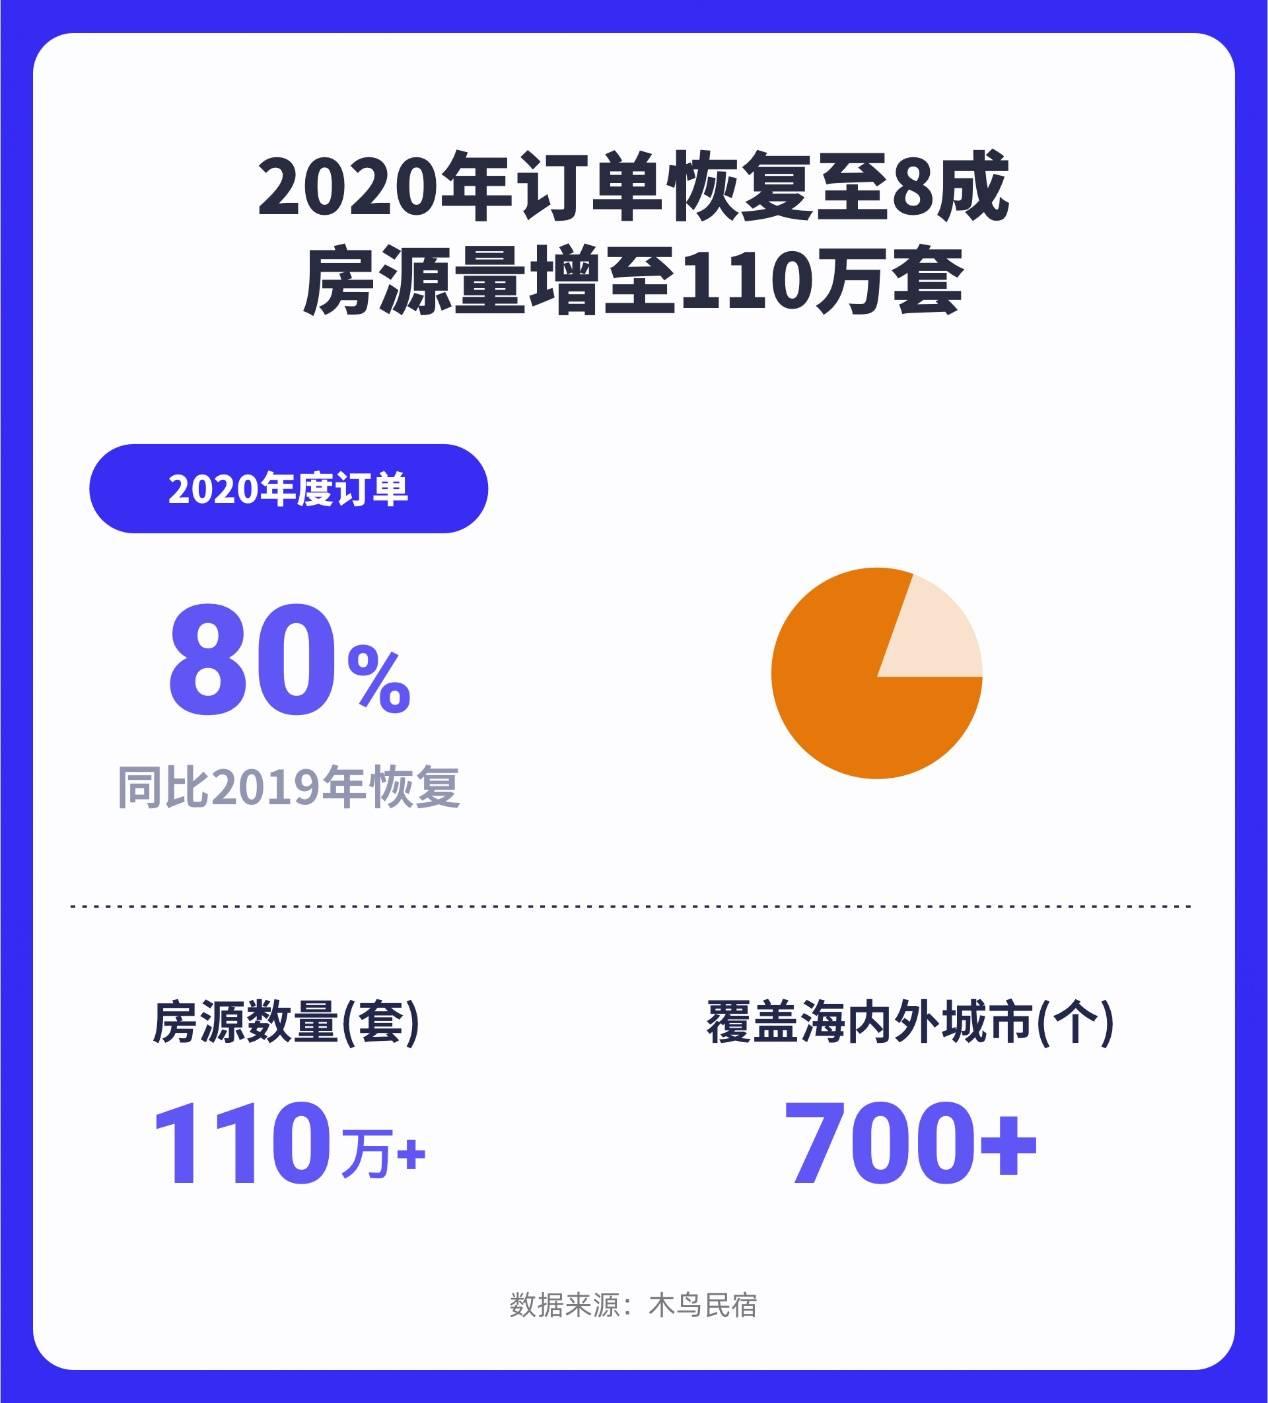 木鸟民宿发布2020年度数据报告:2020订单恢复至8成 房源数量增至110万套